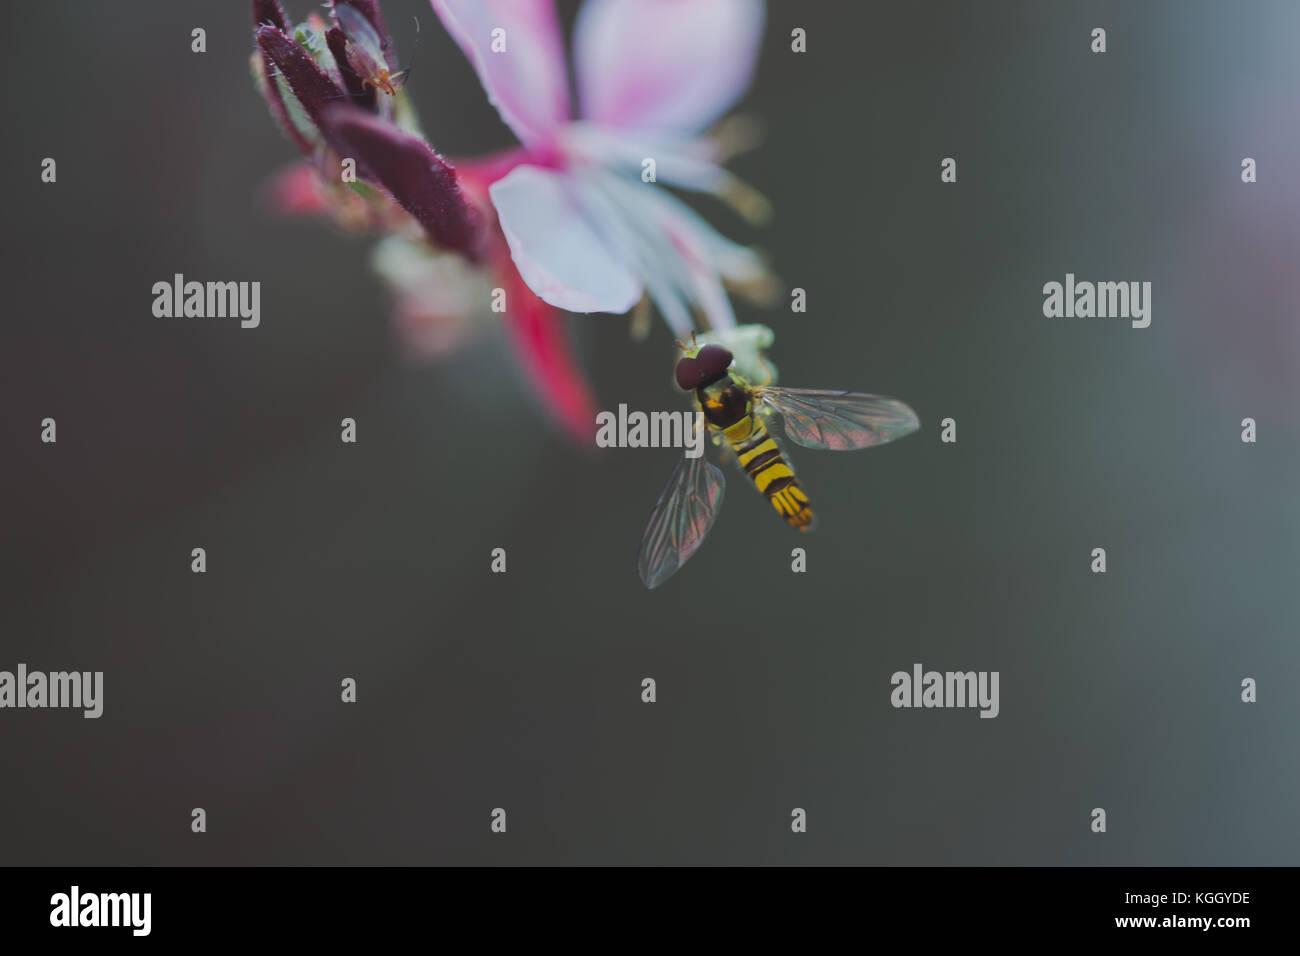 Biene auf bunte Blume Stockbild